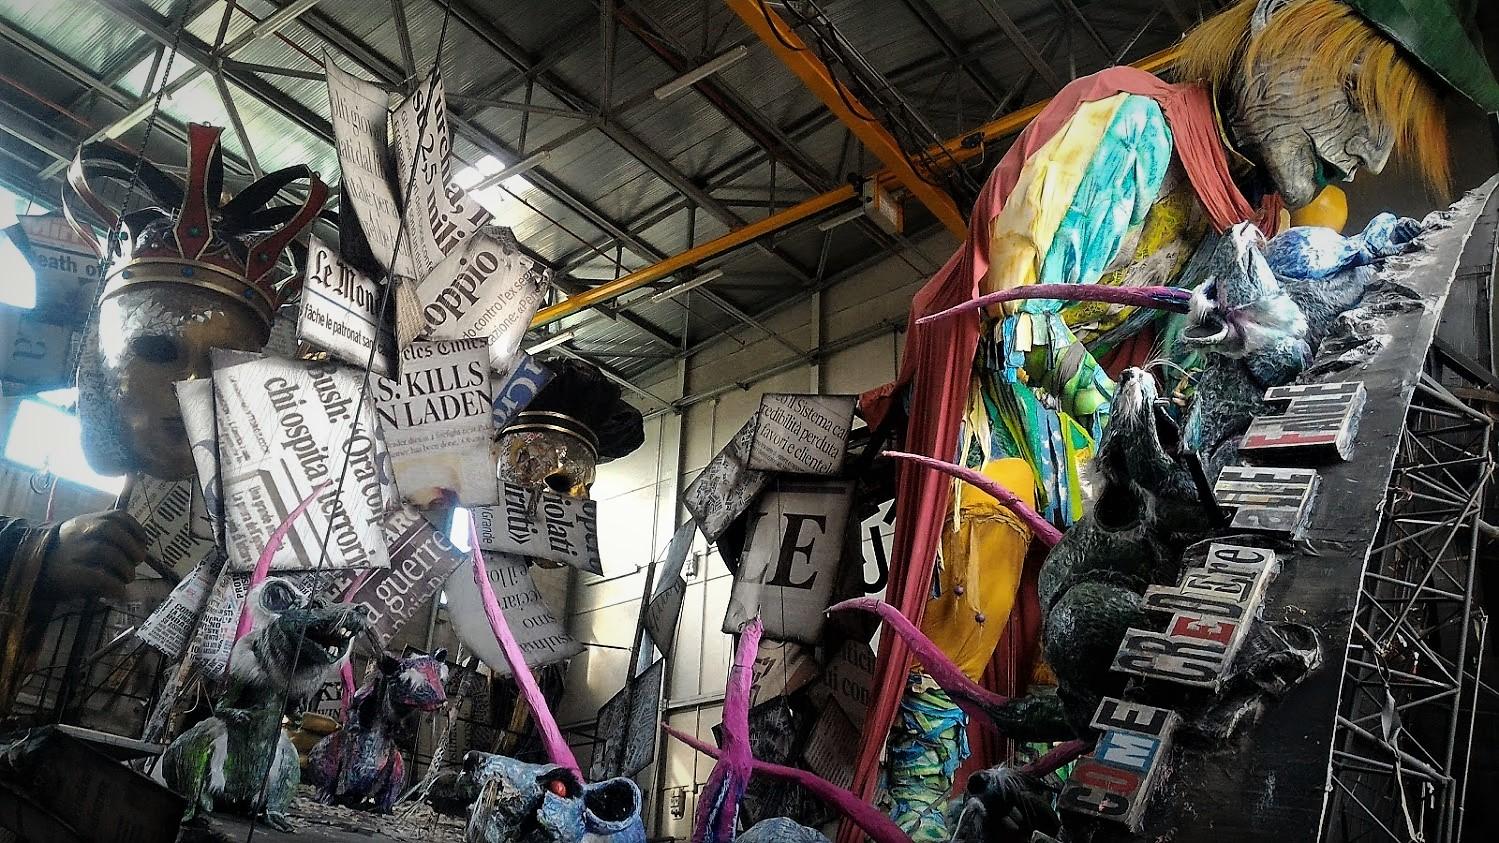 La preparazione dei carri del Carnevale di Viareggio.